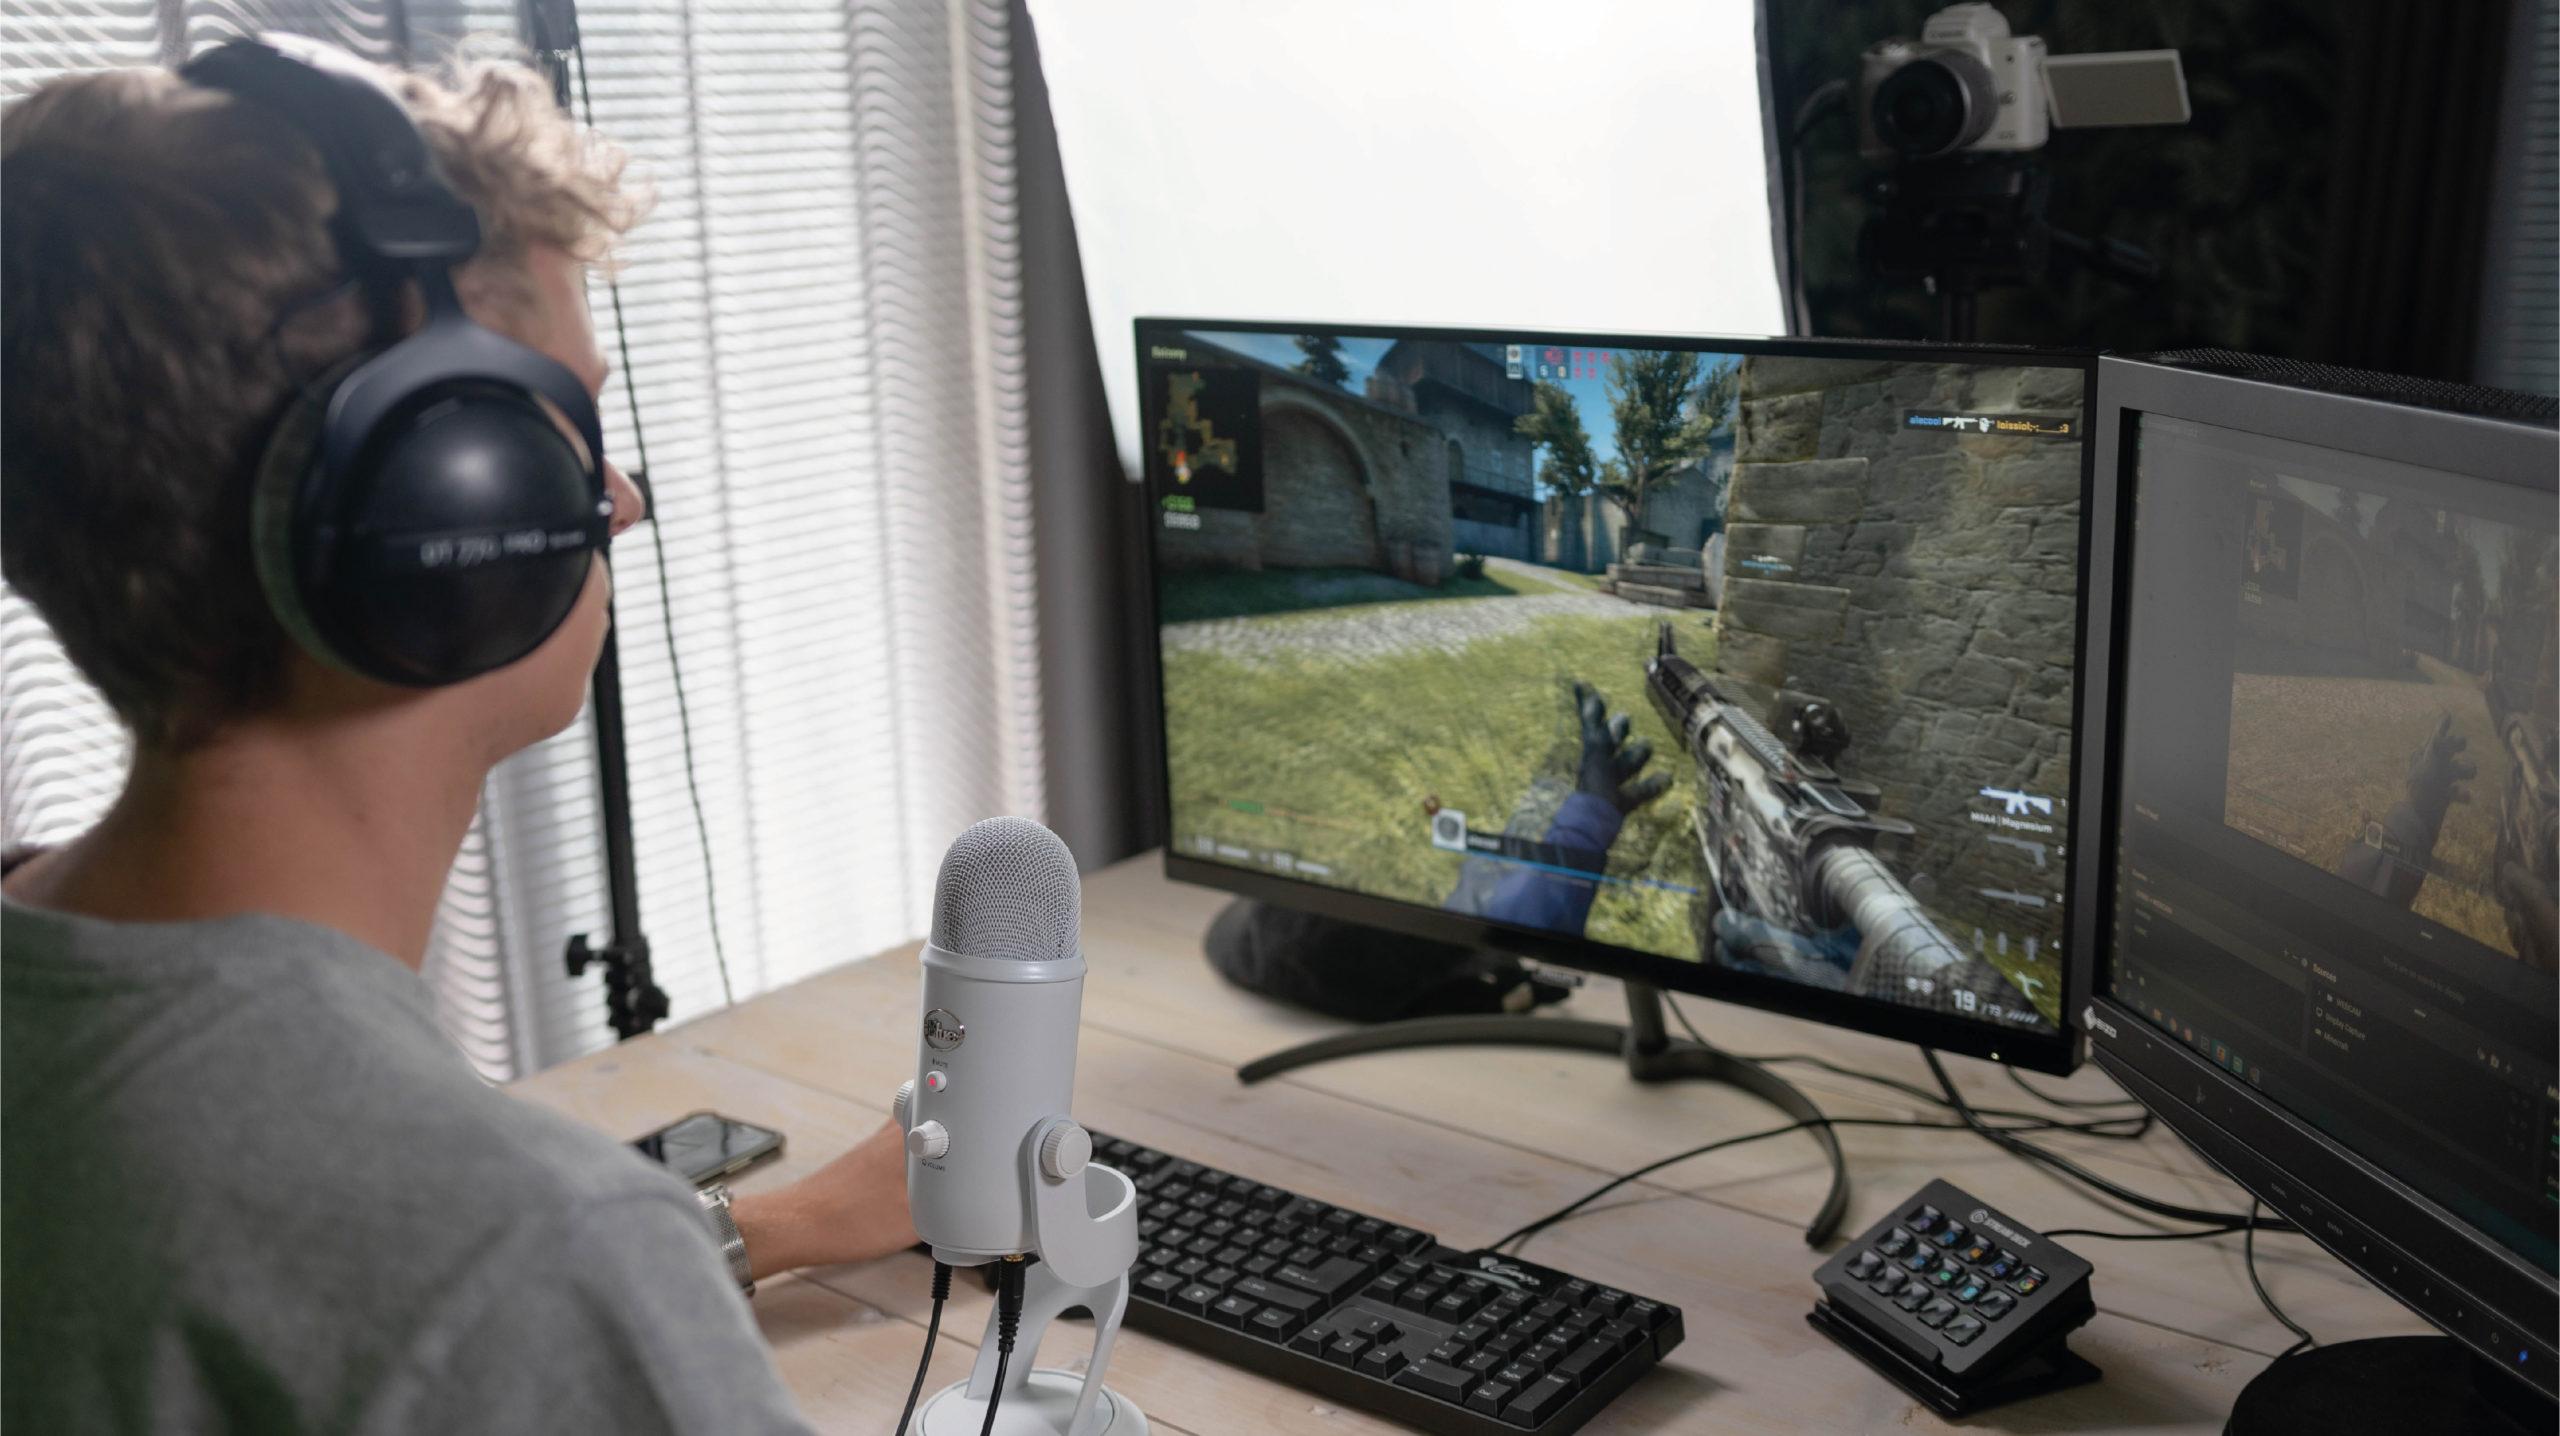 Extremistas utilizan videojuegos para promover la 'radicalización': investigación